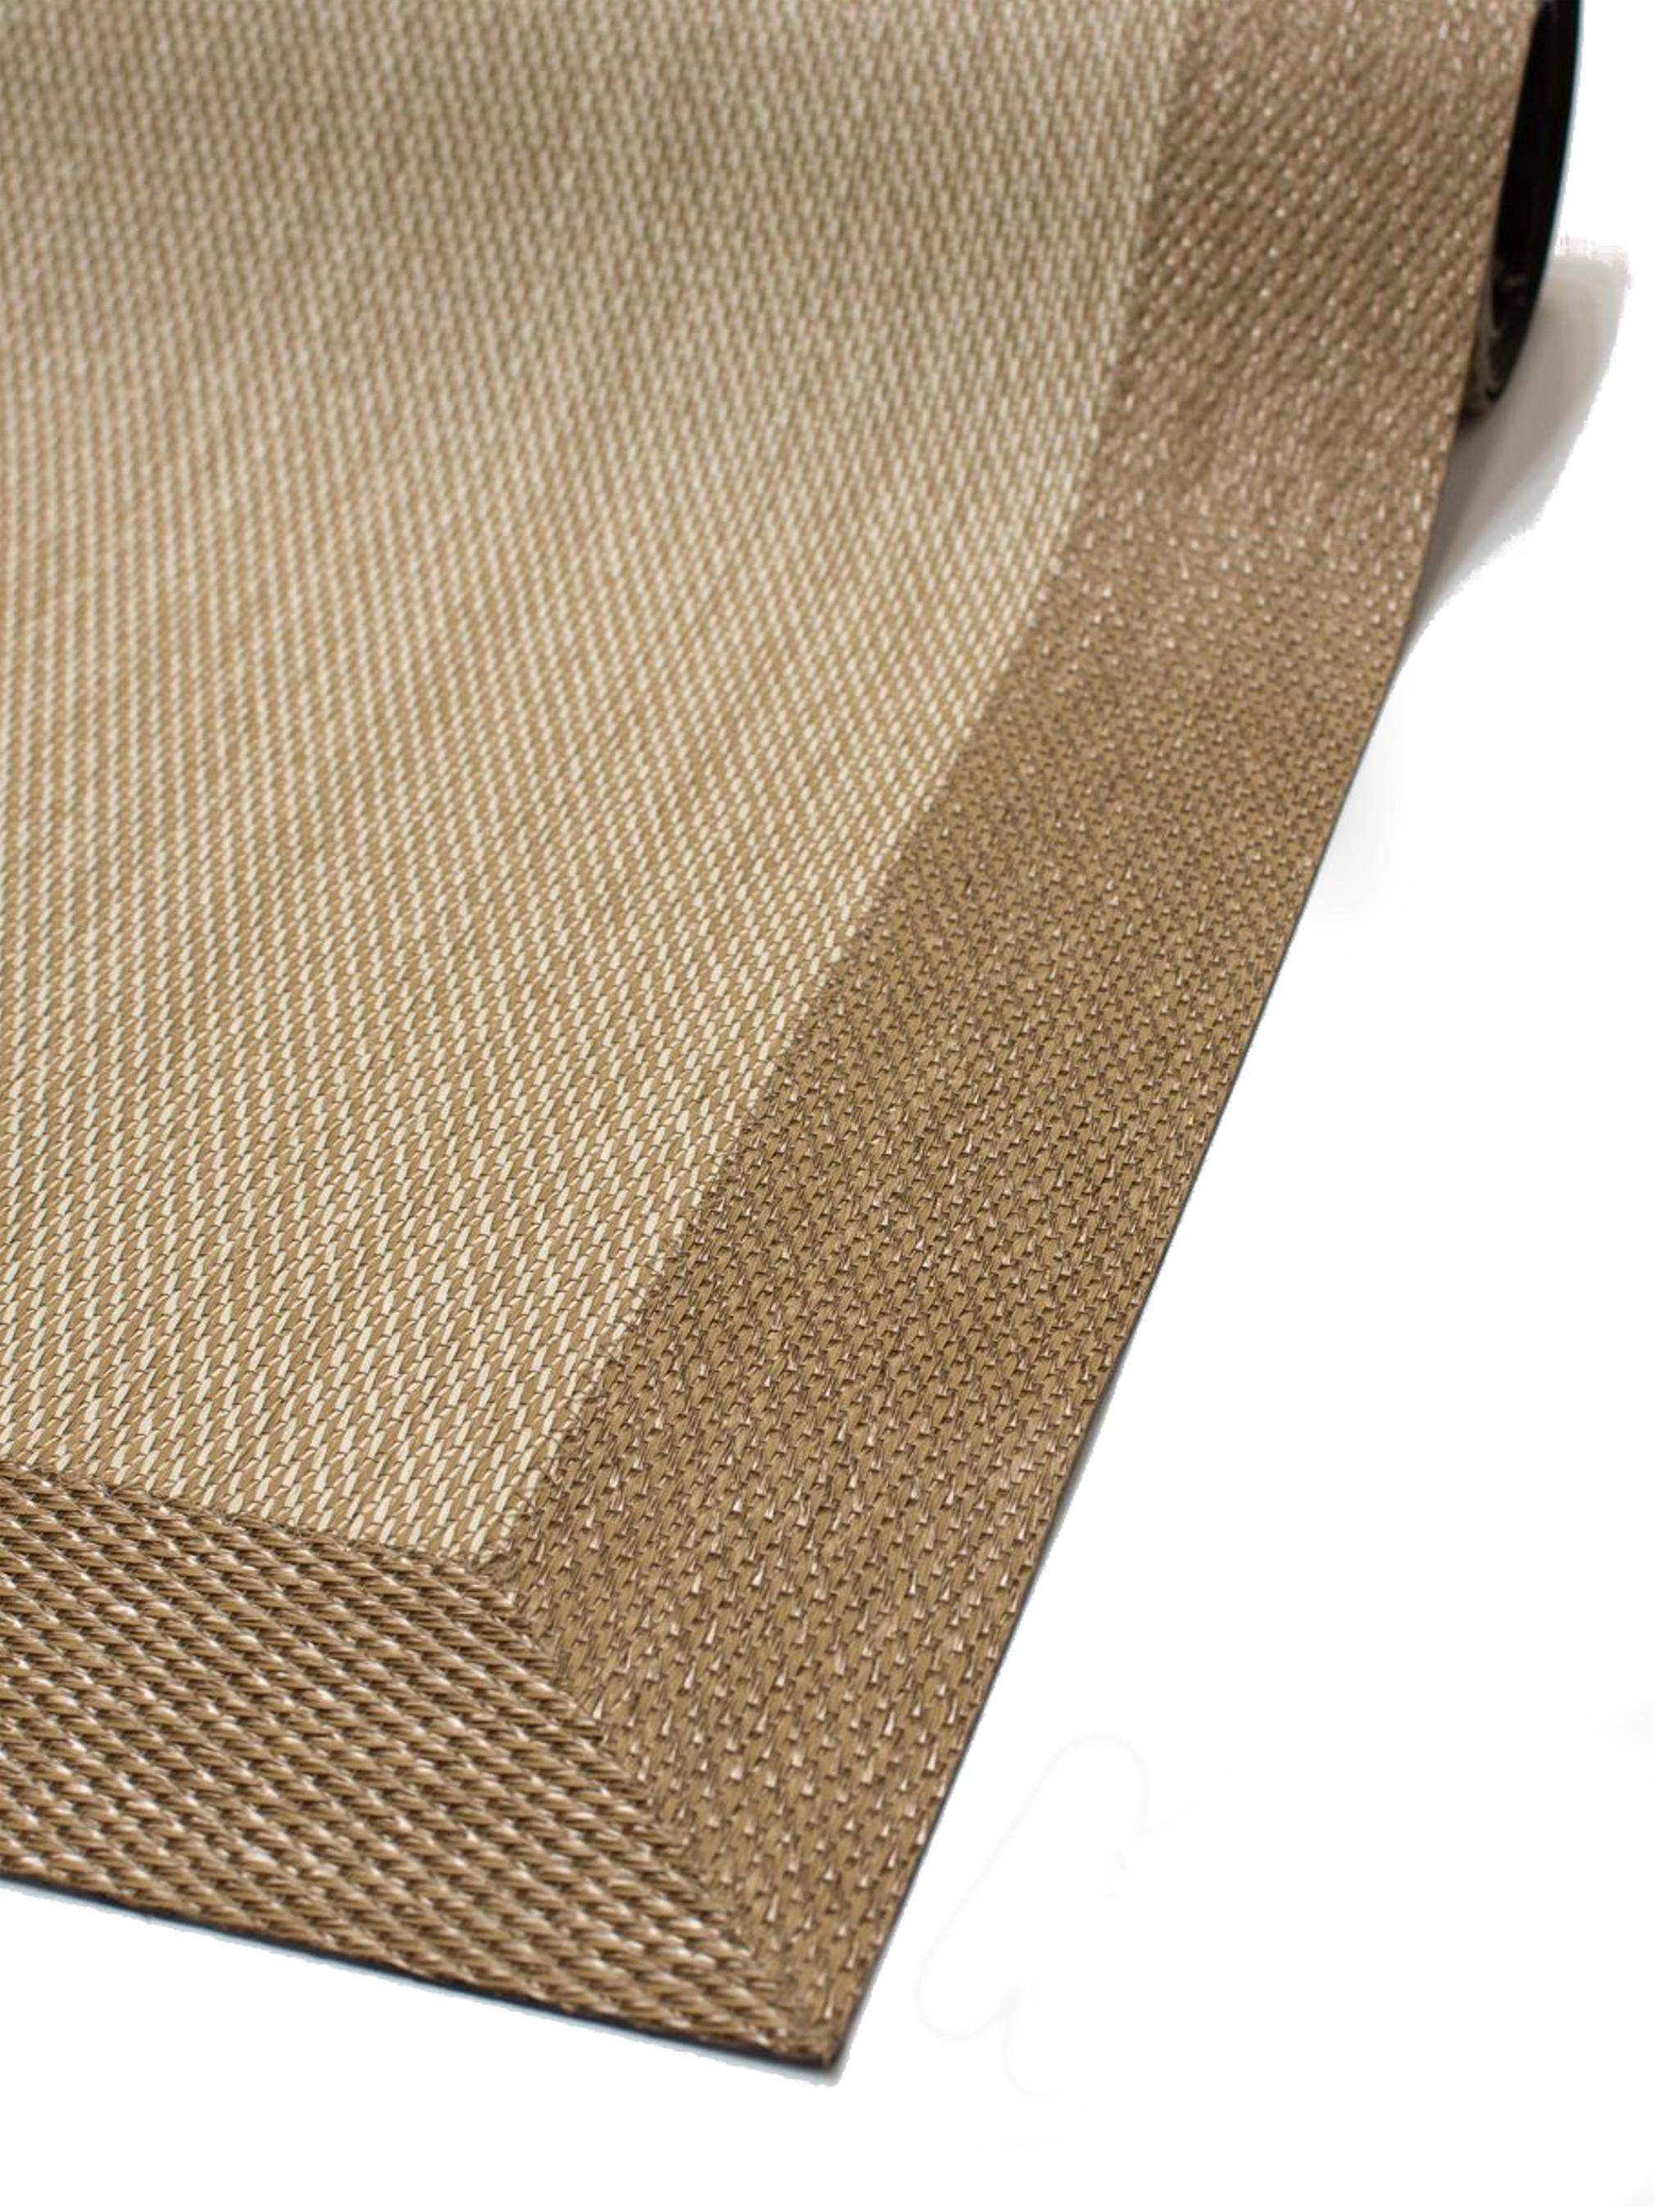 Kepor alfombras de vinilo a medida alfombras nelo for Alfombras sinteticas a medida